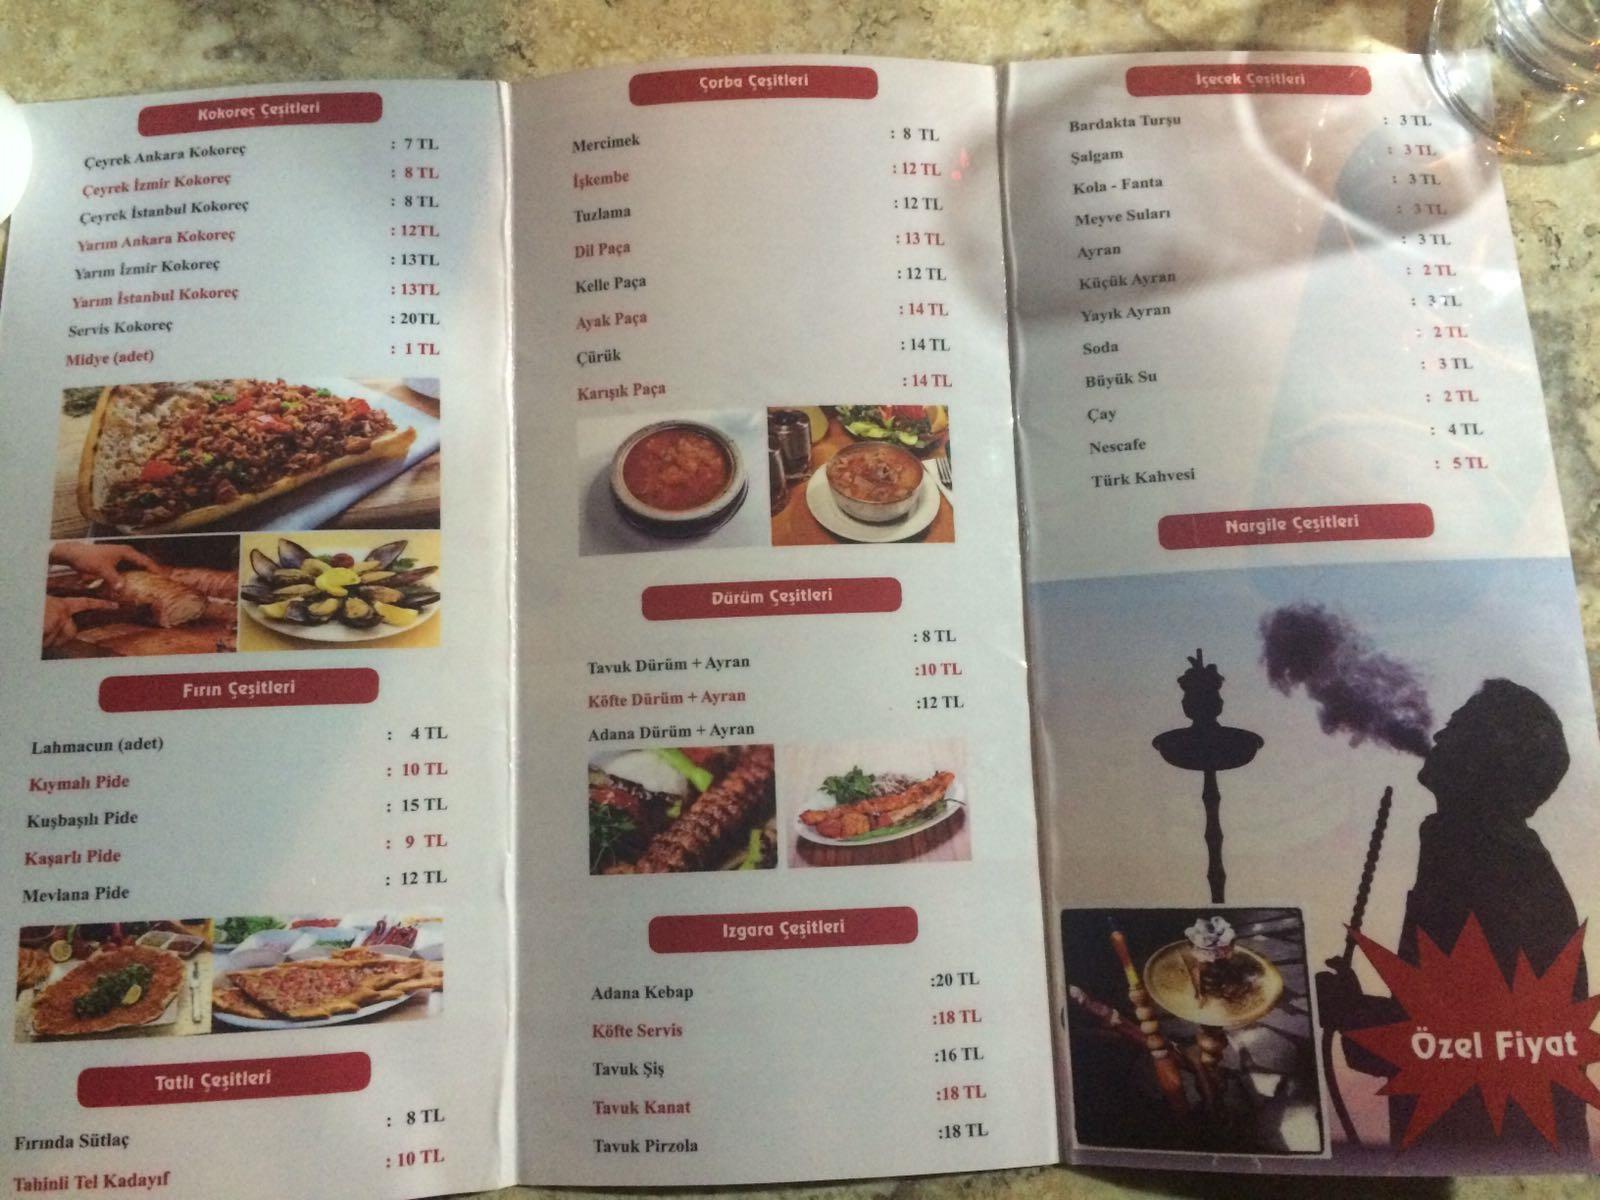 corbaci kokorec kayseri merkez alpaslan melikgazi menu fiyat